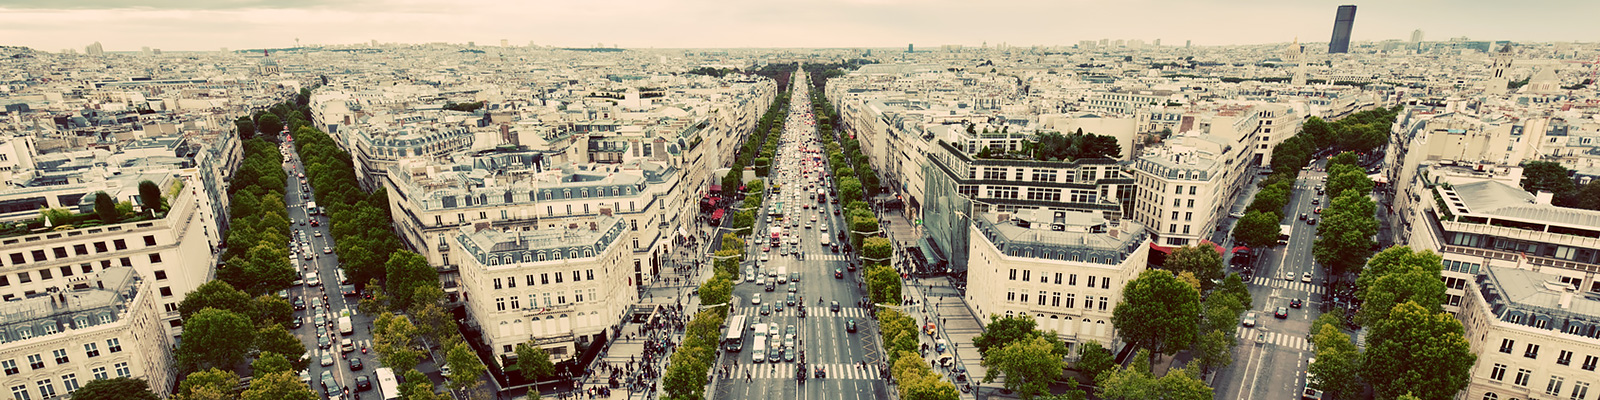 フランス 道路 イメージ